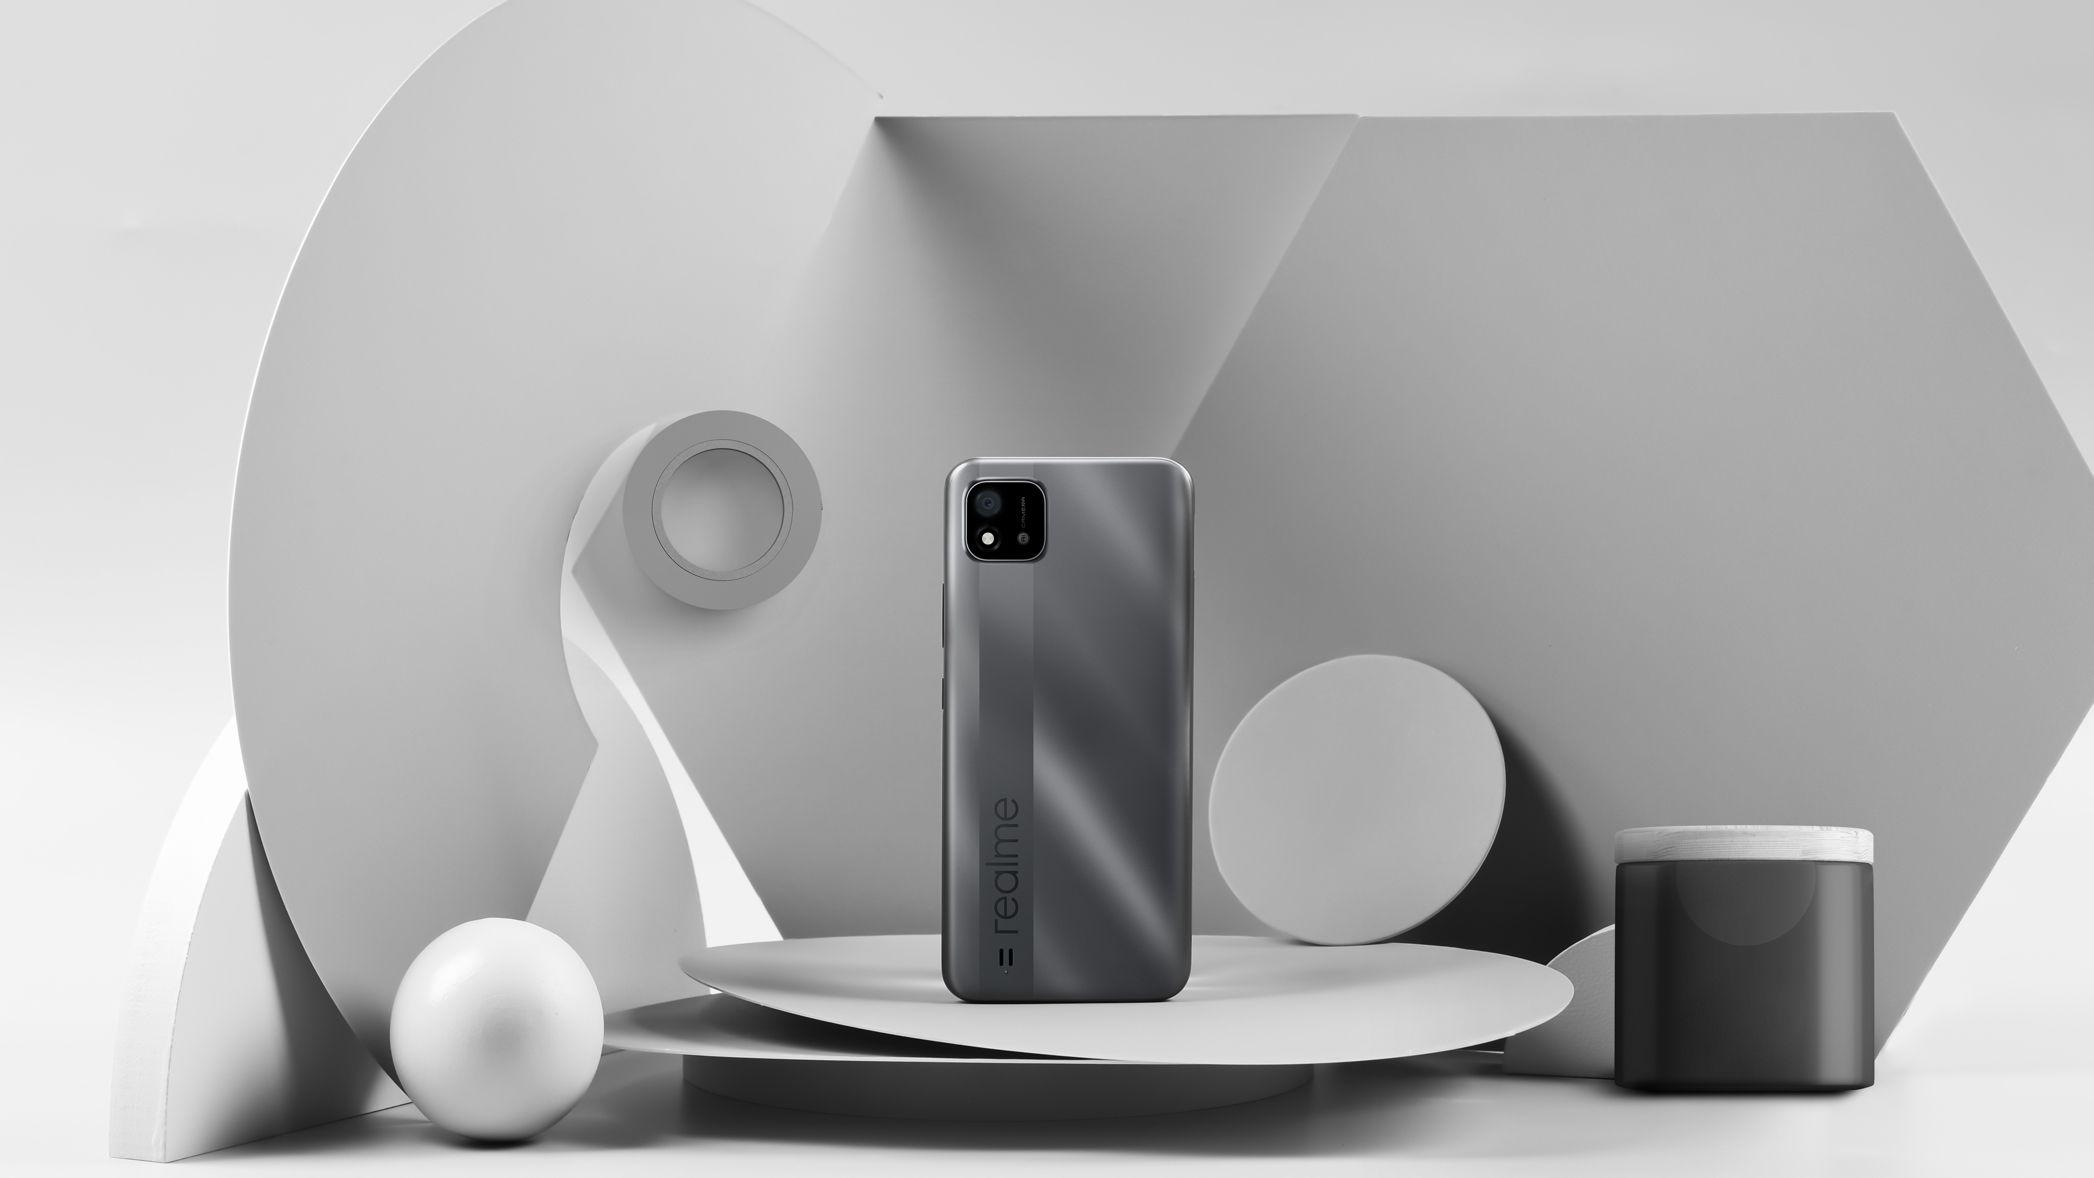 realme grey color